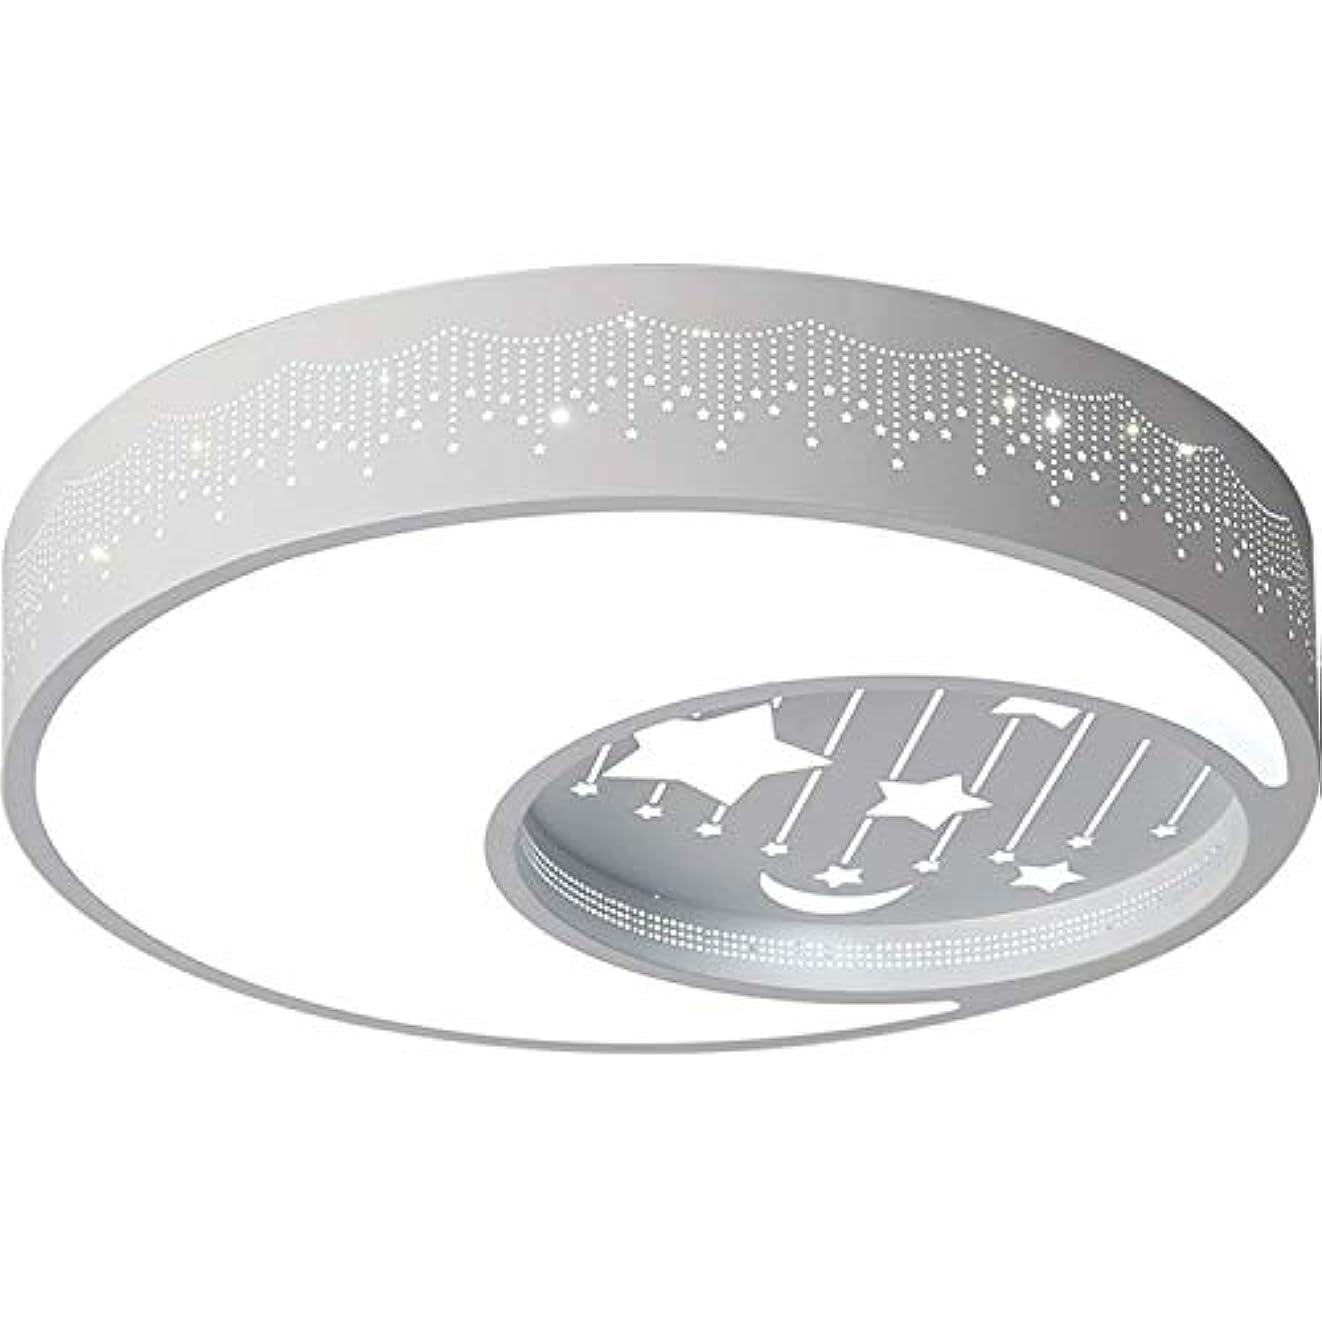 参照伝統砂新しい星の子供のような円形の天井ランプ、子供のリビングルームの寝室のベビールームの装飾ライト、暖かいモダンなリビングルームの備品シャンデリアIohpo9I 454(デザイン:ホワイトライト、サイズ:50 cm)